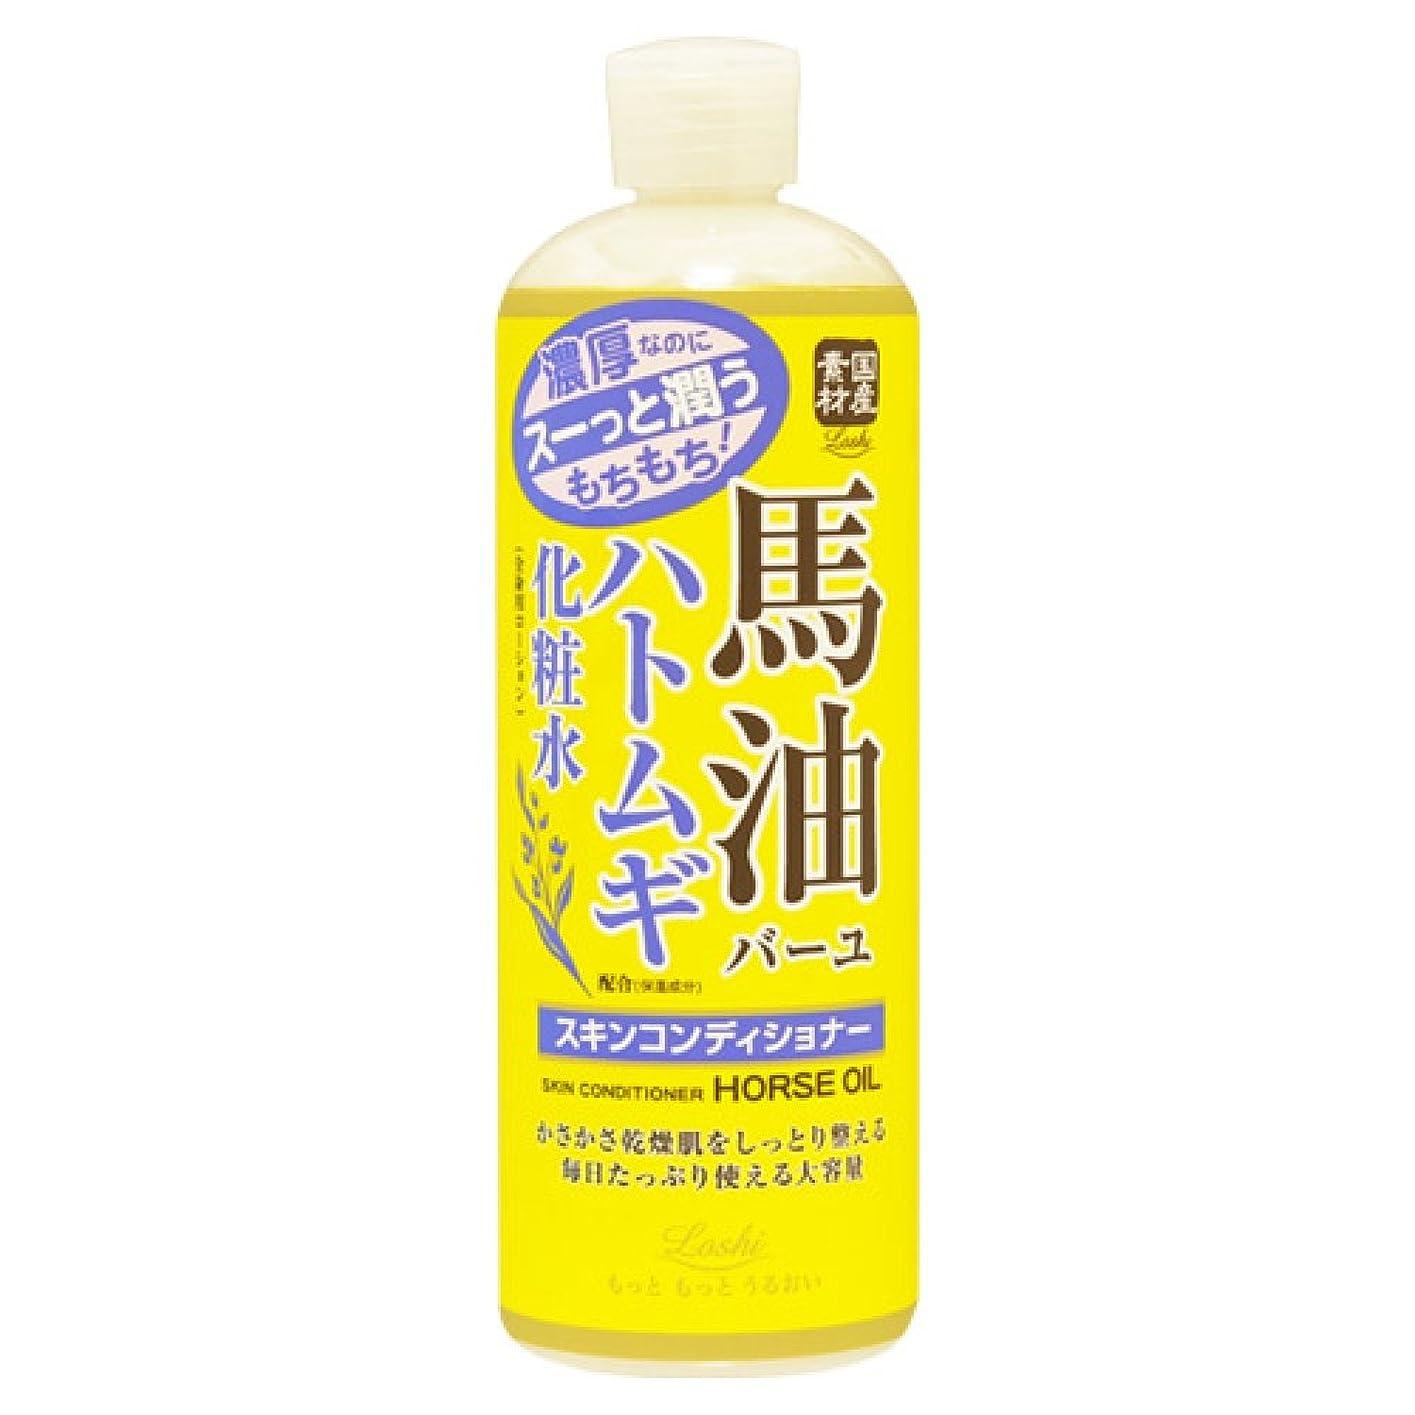 集団的噂ごみロッシモイストエイド スキンコンディショナー 馬油&ハトムギ 500ml (化粧水 ローション 高保湿)